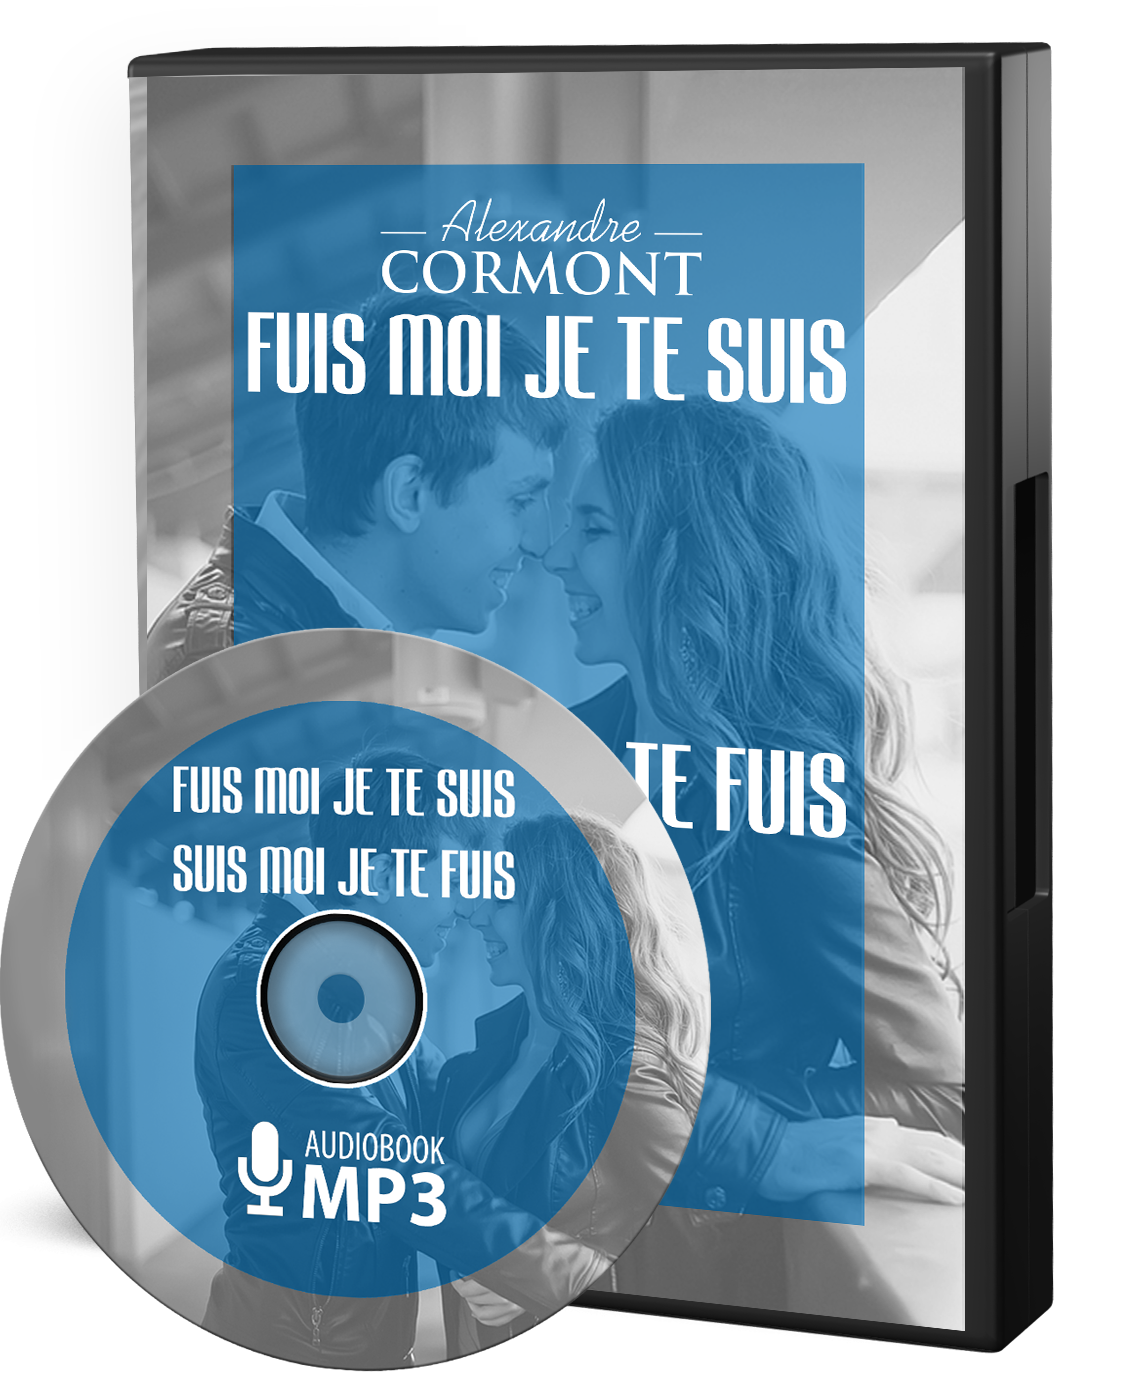 Suis Moi Je Te Fuis : Suis..., Fuir,, Citations, Film,, Relations, Amoureuses